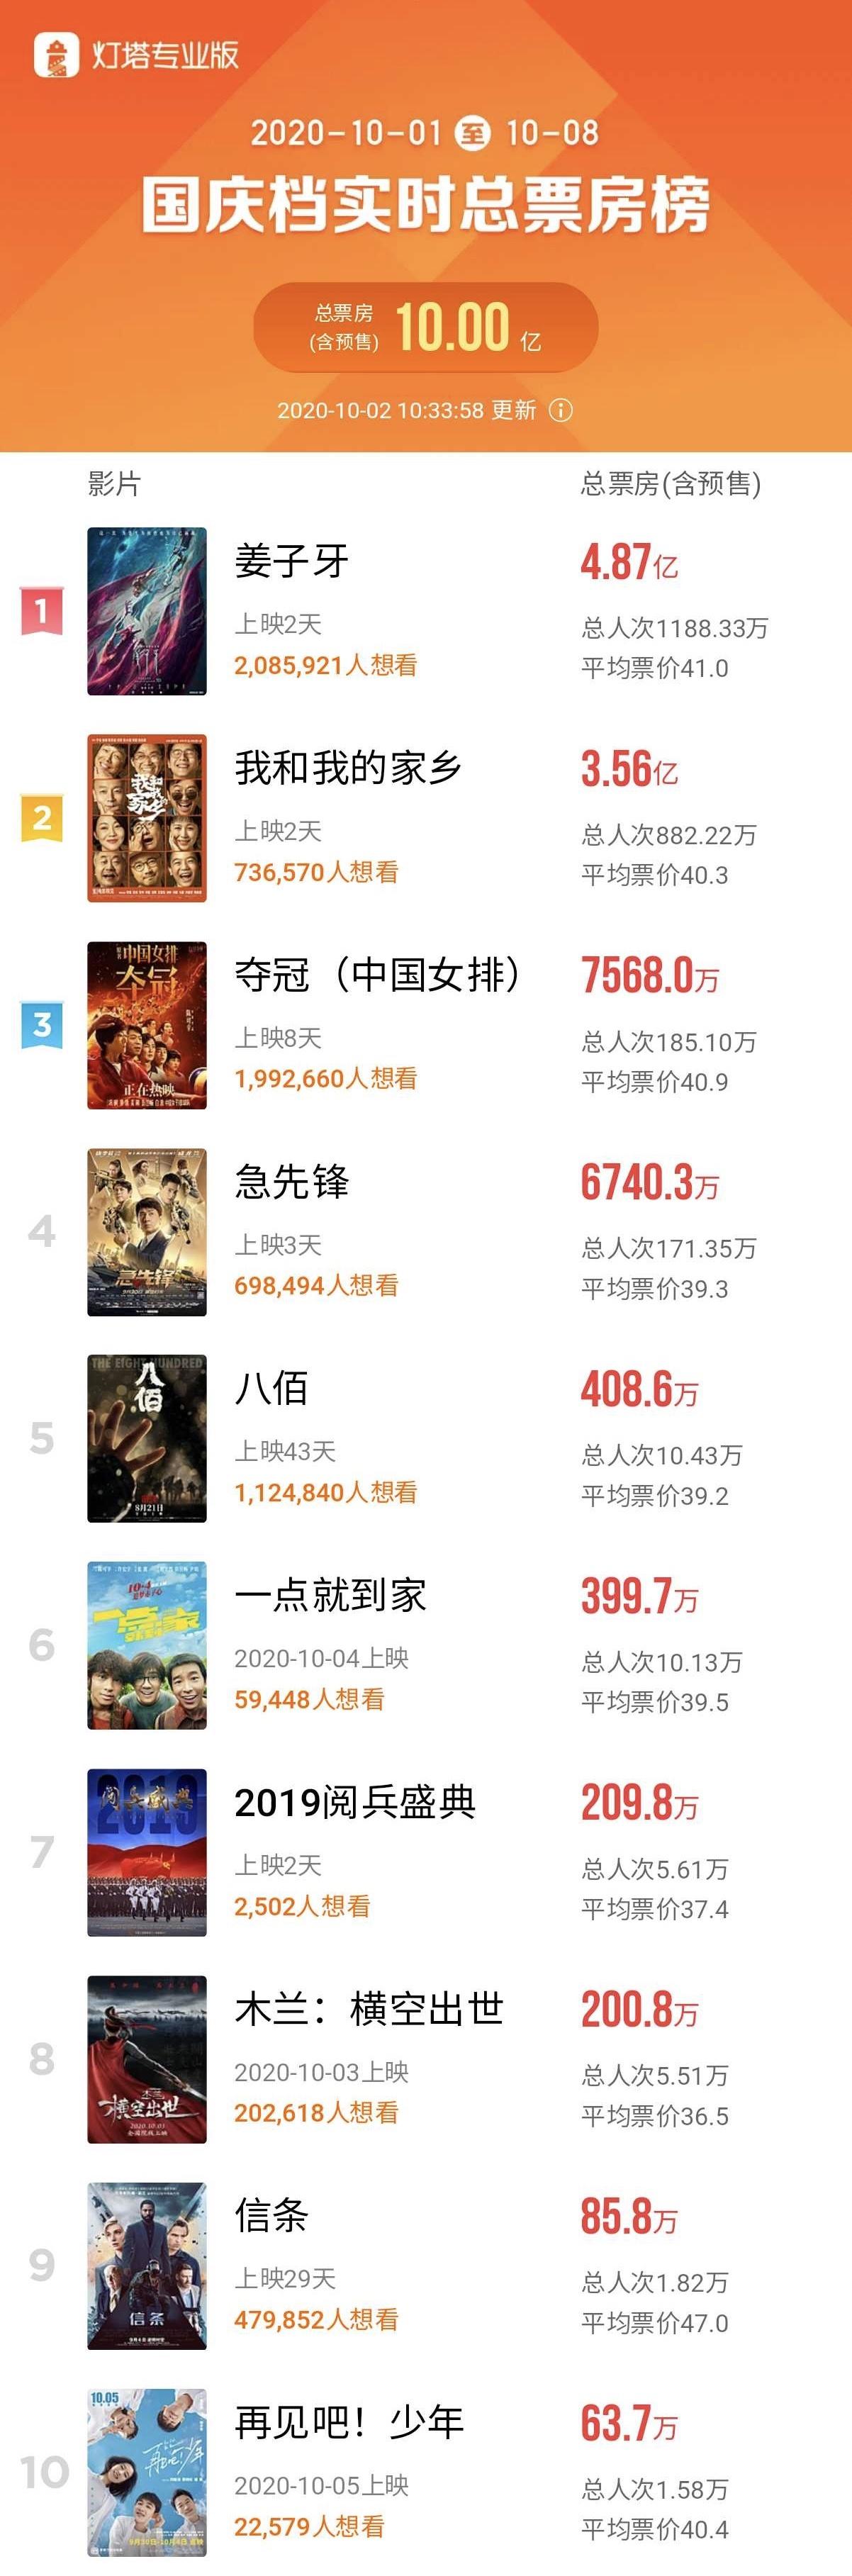 国庆档总票房破10亿,《姜子牙》暂居总冠军图片